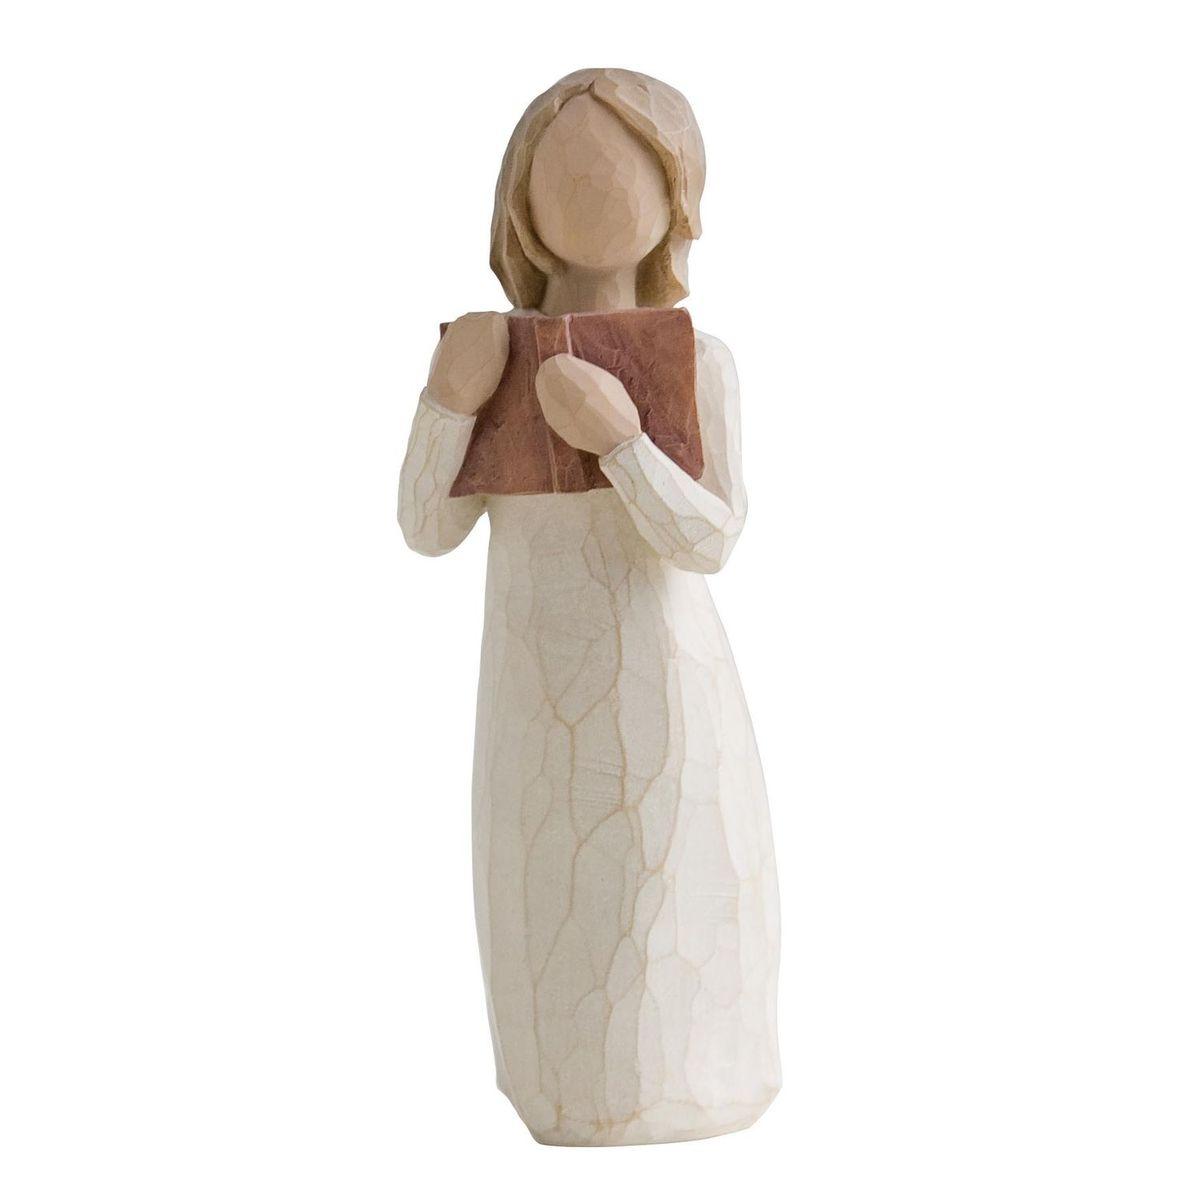 Фигурка декоративная Willow Tree Любовь к учебе, высота 7 см452022Декоративная фигурка Willow Tree создана канадским скульптором Сьюзан Лорди. Фигурка выполнена из искусственного камня (49% карбонат кальция мелкозернистой разновидности, 51% искусственный камень).Фигурка Willow Tree – это настоящее произведение искусства, образная скульптура в миниатюре, изображающая эмоции и чувства, которые помогают чувствовать себя ближе к другим, верить в мечту, выражать любовь.Фигурка помещена в красивую упаковку.Купить такой оригинальный подарок, значит не только украсить интерьер помещения или жилой комнаты, но выразить свое глубокое отношение к любимому человеку. Этот прекрасный сувенир будет лучшим подарком на день ангела, именины, день рождения, юбилей.